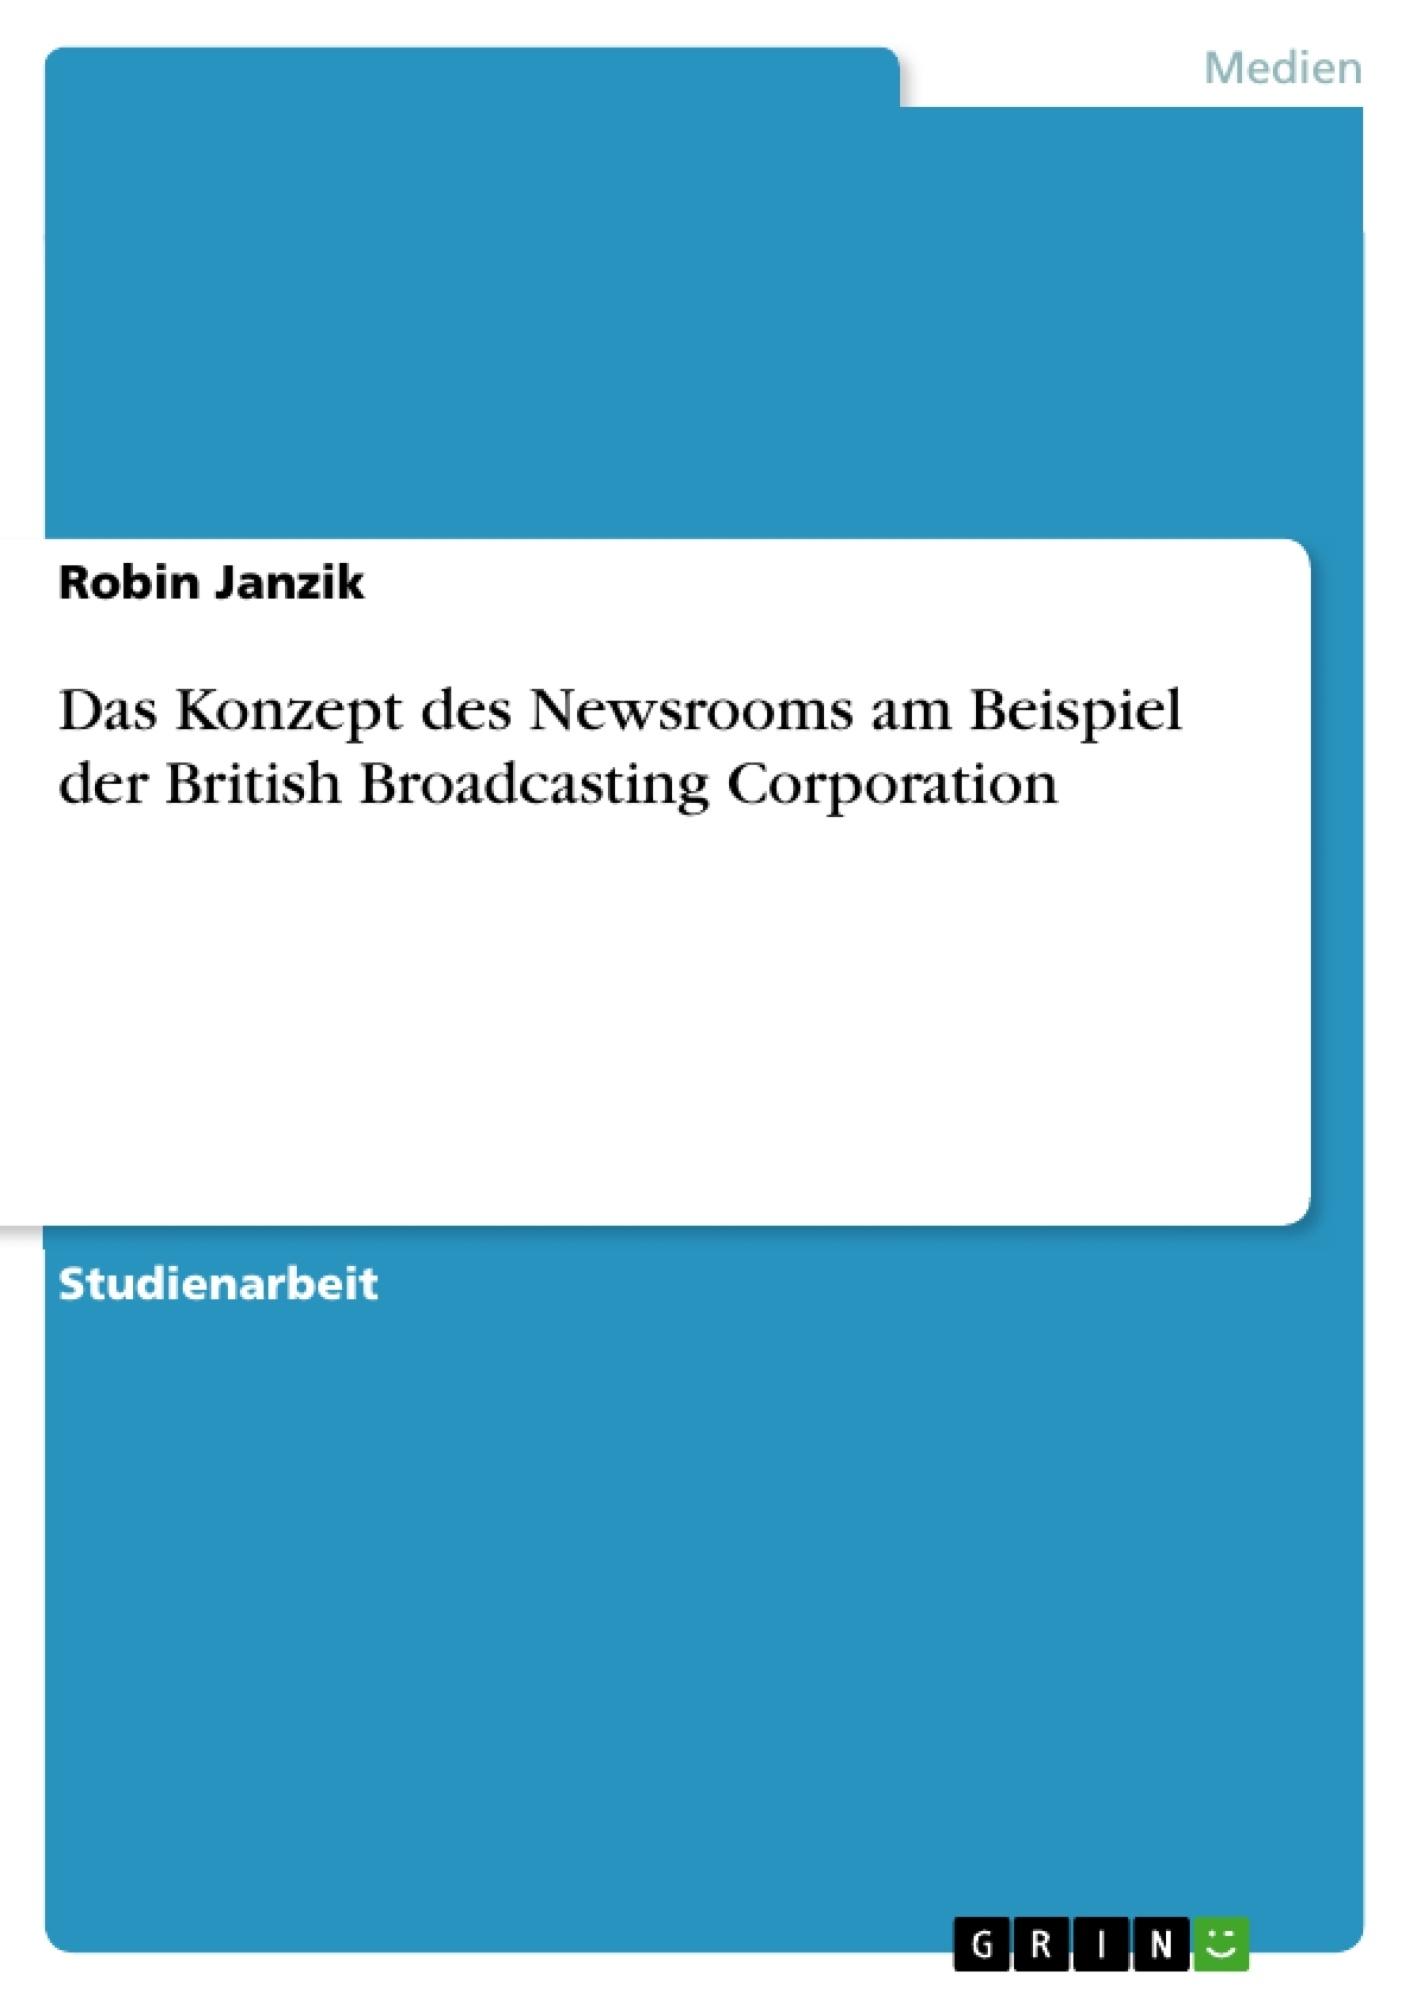 Titel: Das Konzept des Newsrooms am Beispiel der  British Broadcasting Corporation